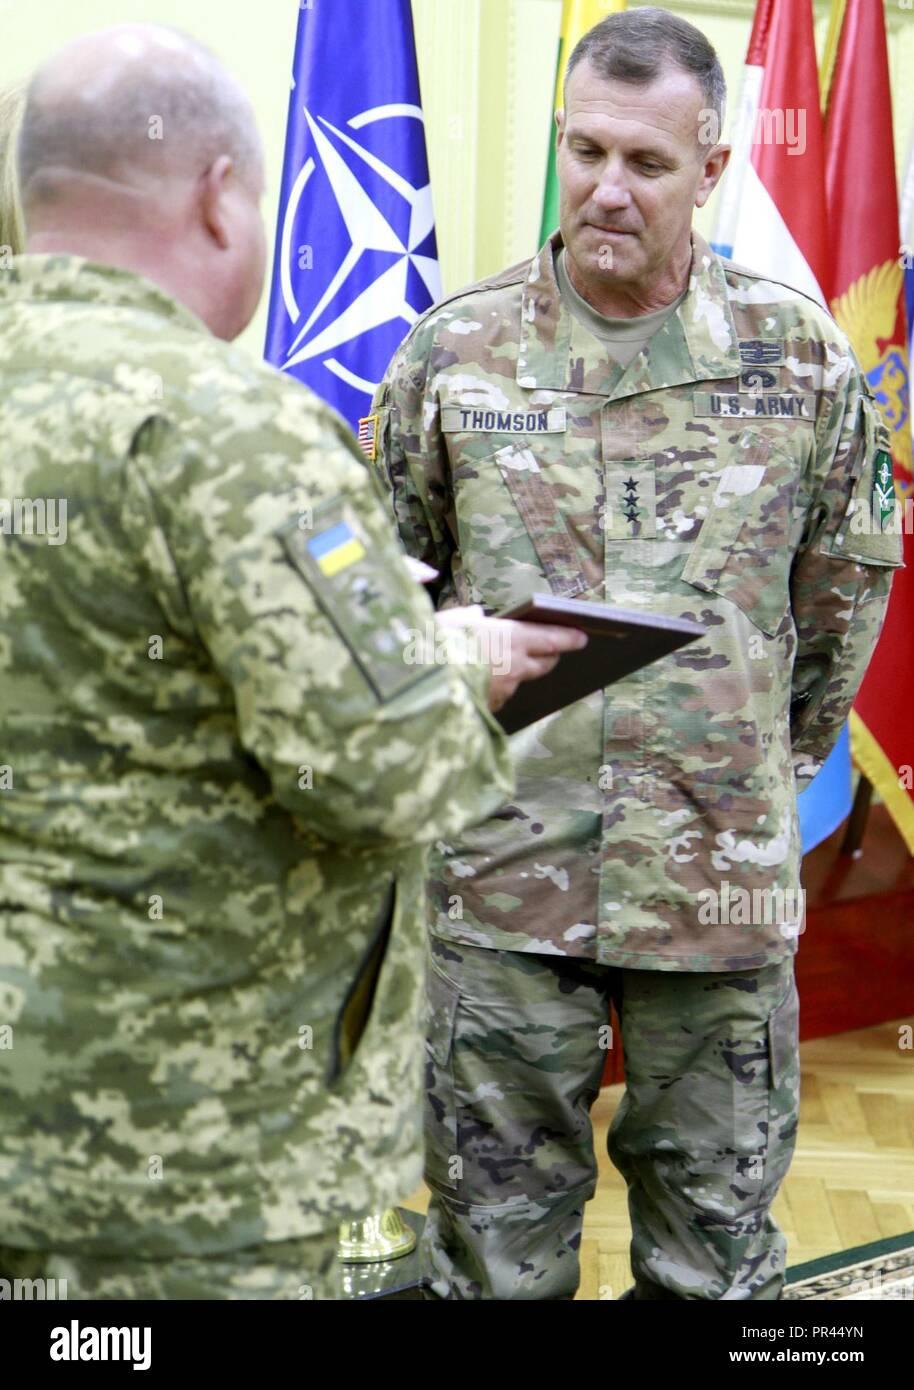 Ukrainische Col. Gen. 363 Popko (links), Kommandeur der ukrainischen Land Forces Command, präsentiert ein Geschenk der US-amerikanischen Armee Generalleutnant John Thomson (rechts), Kommandeur der NATO-Verbündeten Land Befehl (LANDCOM), nach der Unterzeichnung der Zusammenarbeit zwischen der Ukraine und der NATO Kommando Landstreitkräfte Allied Land Befehl bei schnellen Trident, Sept. 6 an der internationalen Friedenssicherung Security Center in der Nähe von Yavoriv, Ukraine. Stockfoto